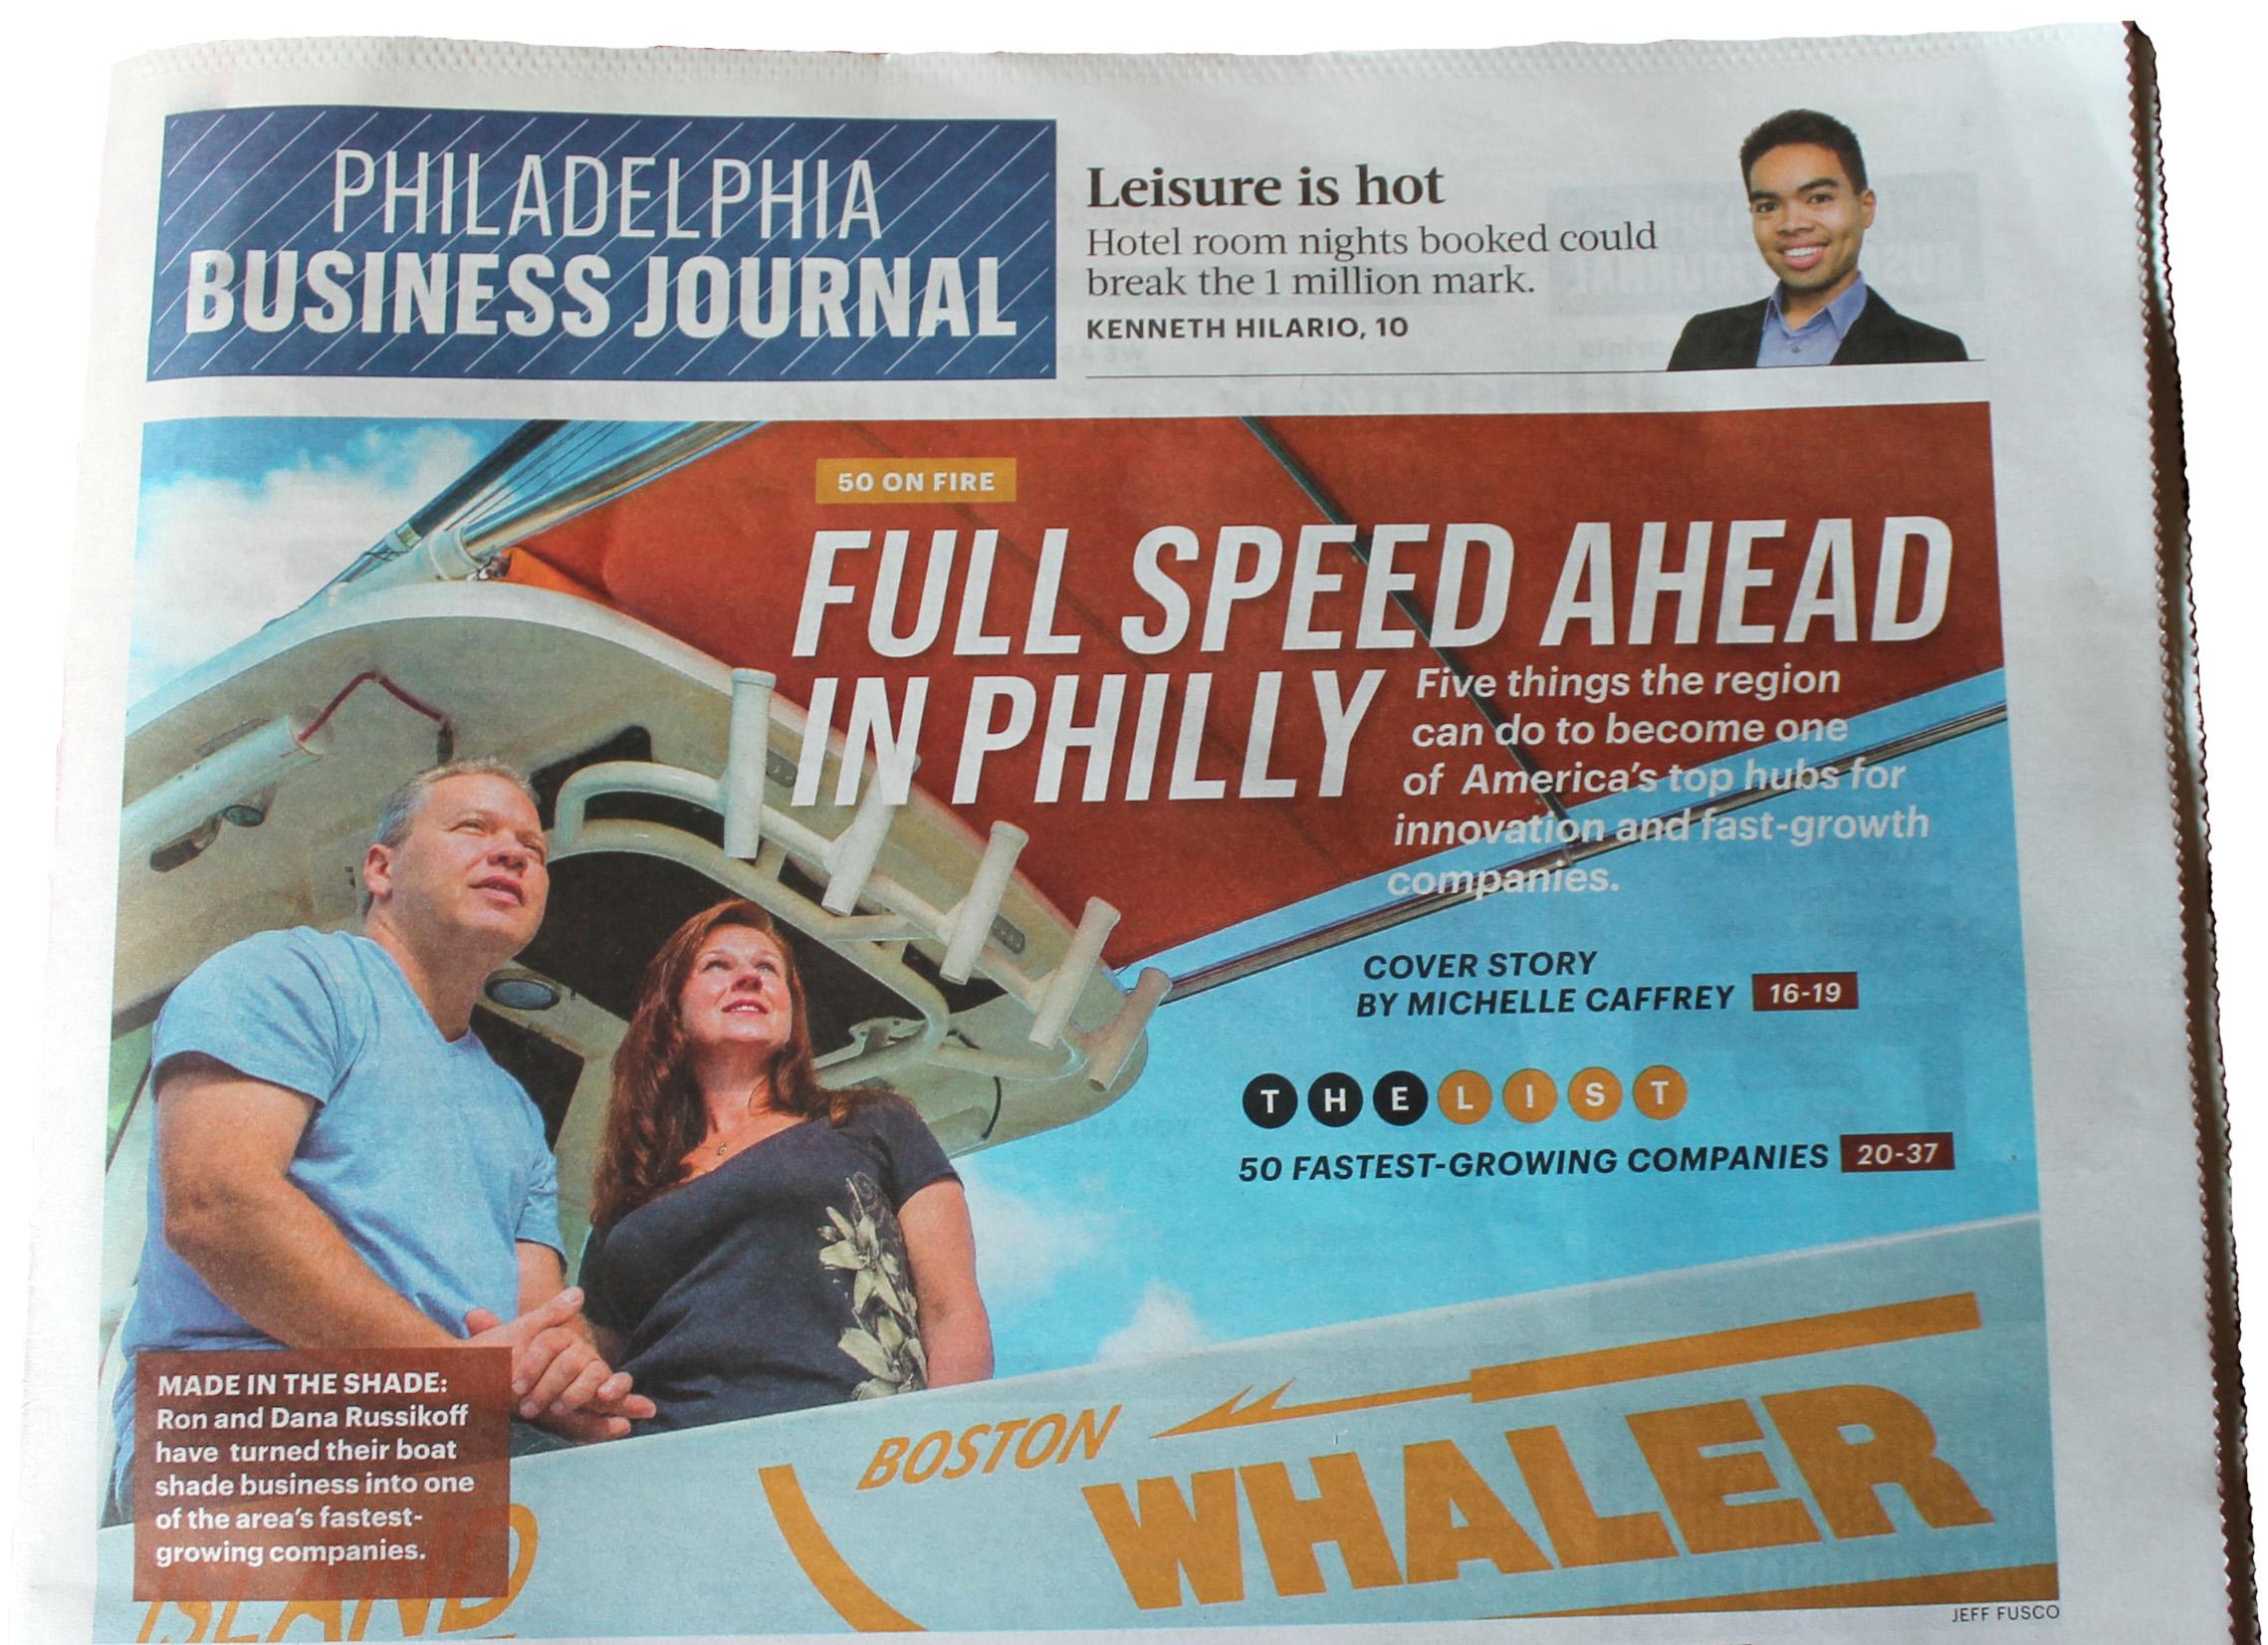 Philadelphia Business Journal